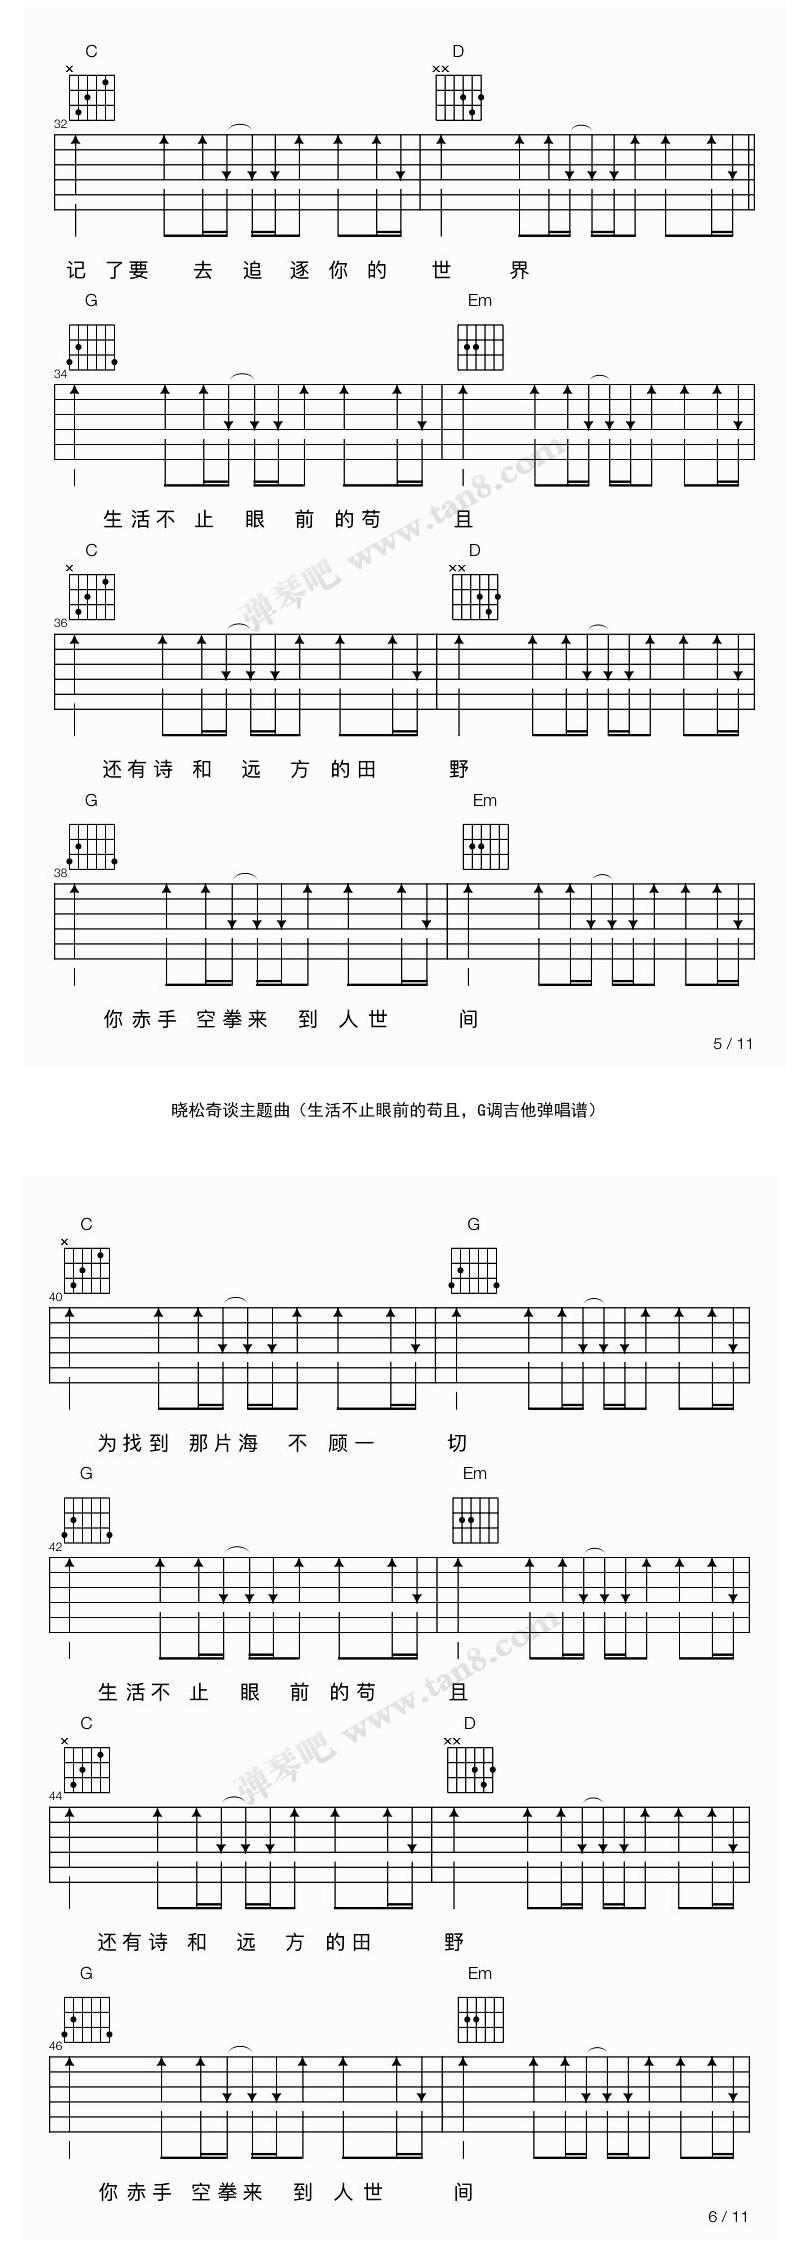 《生活不止眼前的苟且》(许巍演唱)吉他谱第3张